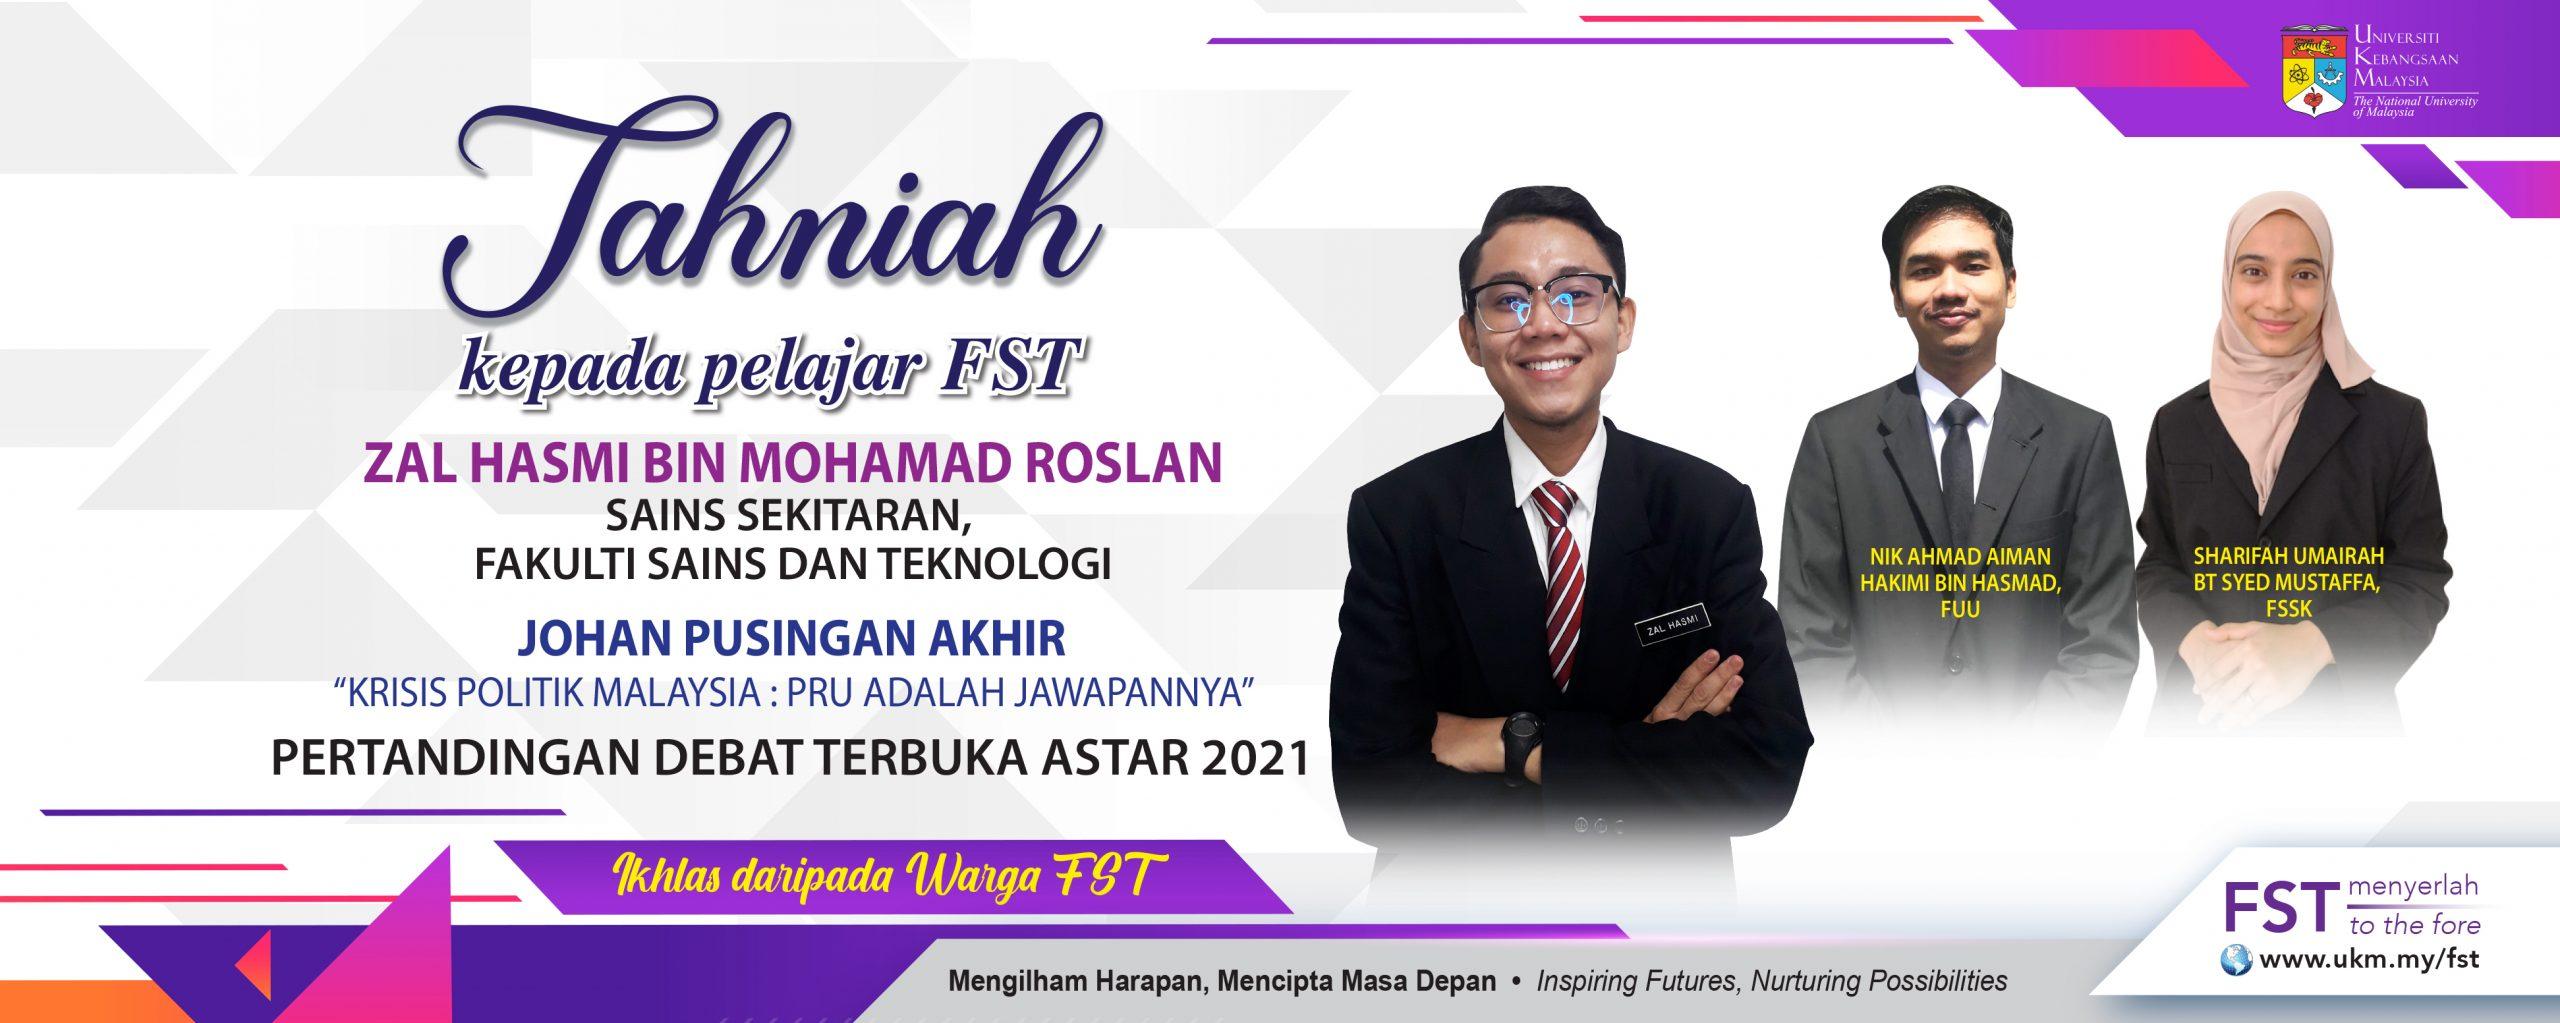 Tahniah pelajar ASTAR